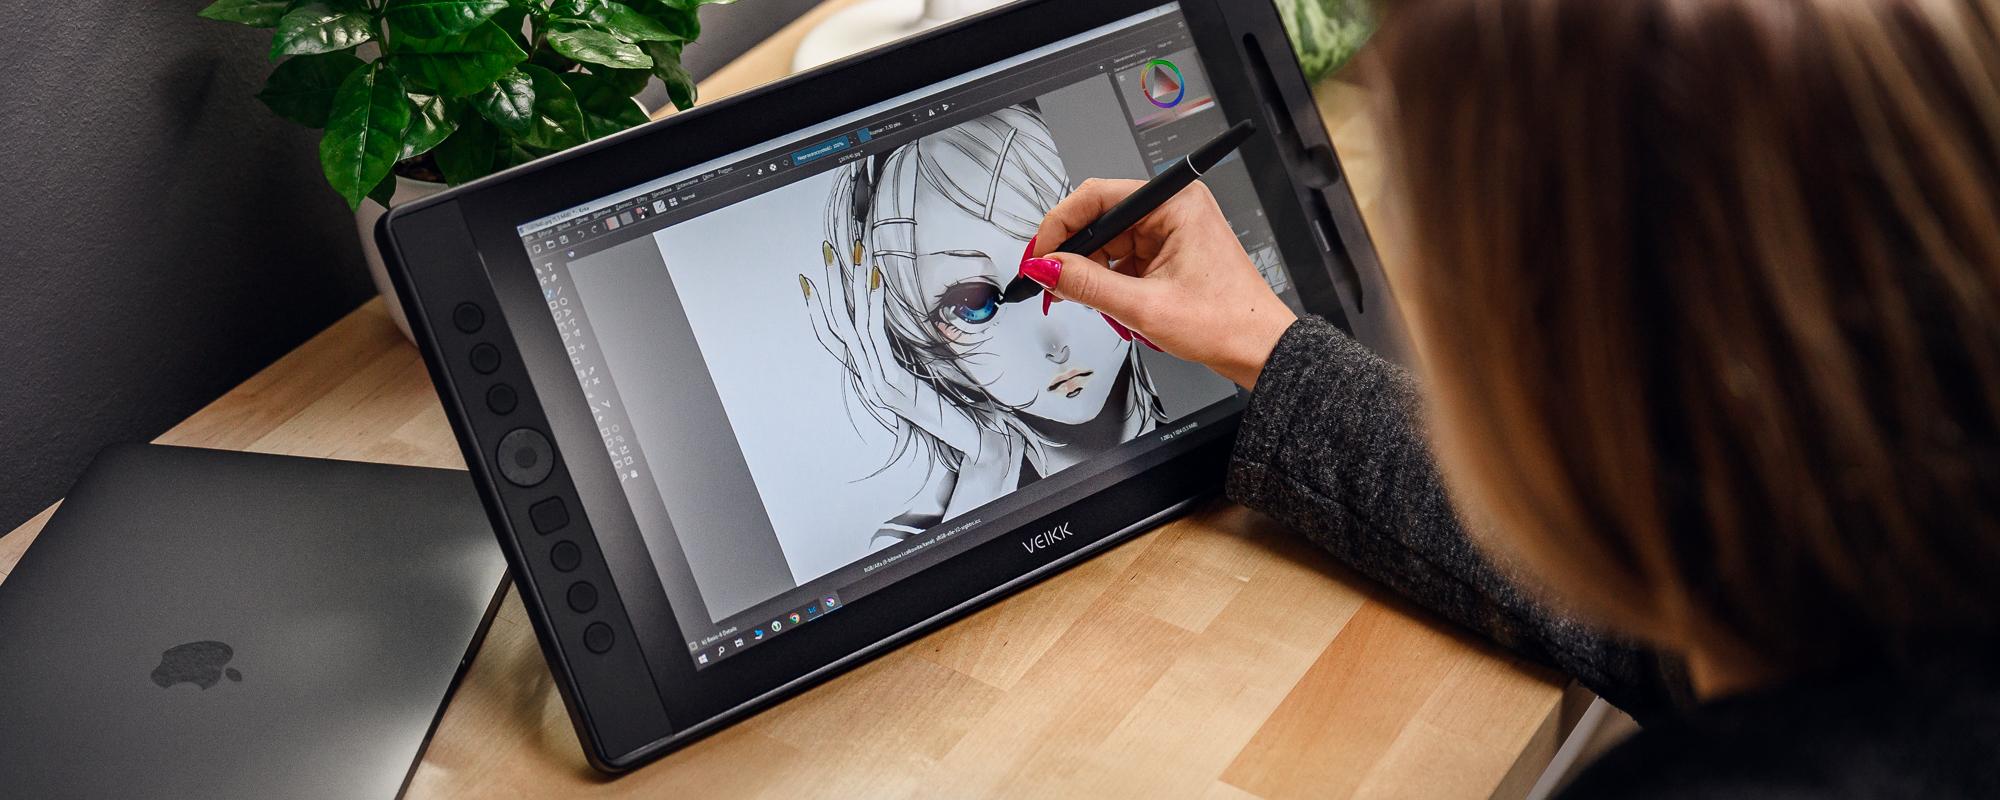 Zdjęcie - tablet graficzny z ekranem LCD Veikk VK1560 obsługiwany przez kobietę z różowymi paznokciami